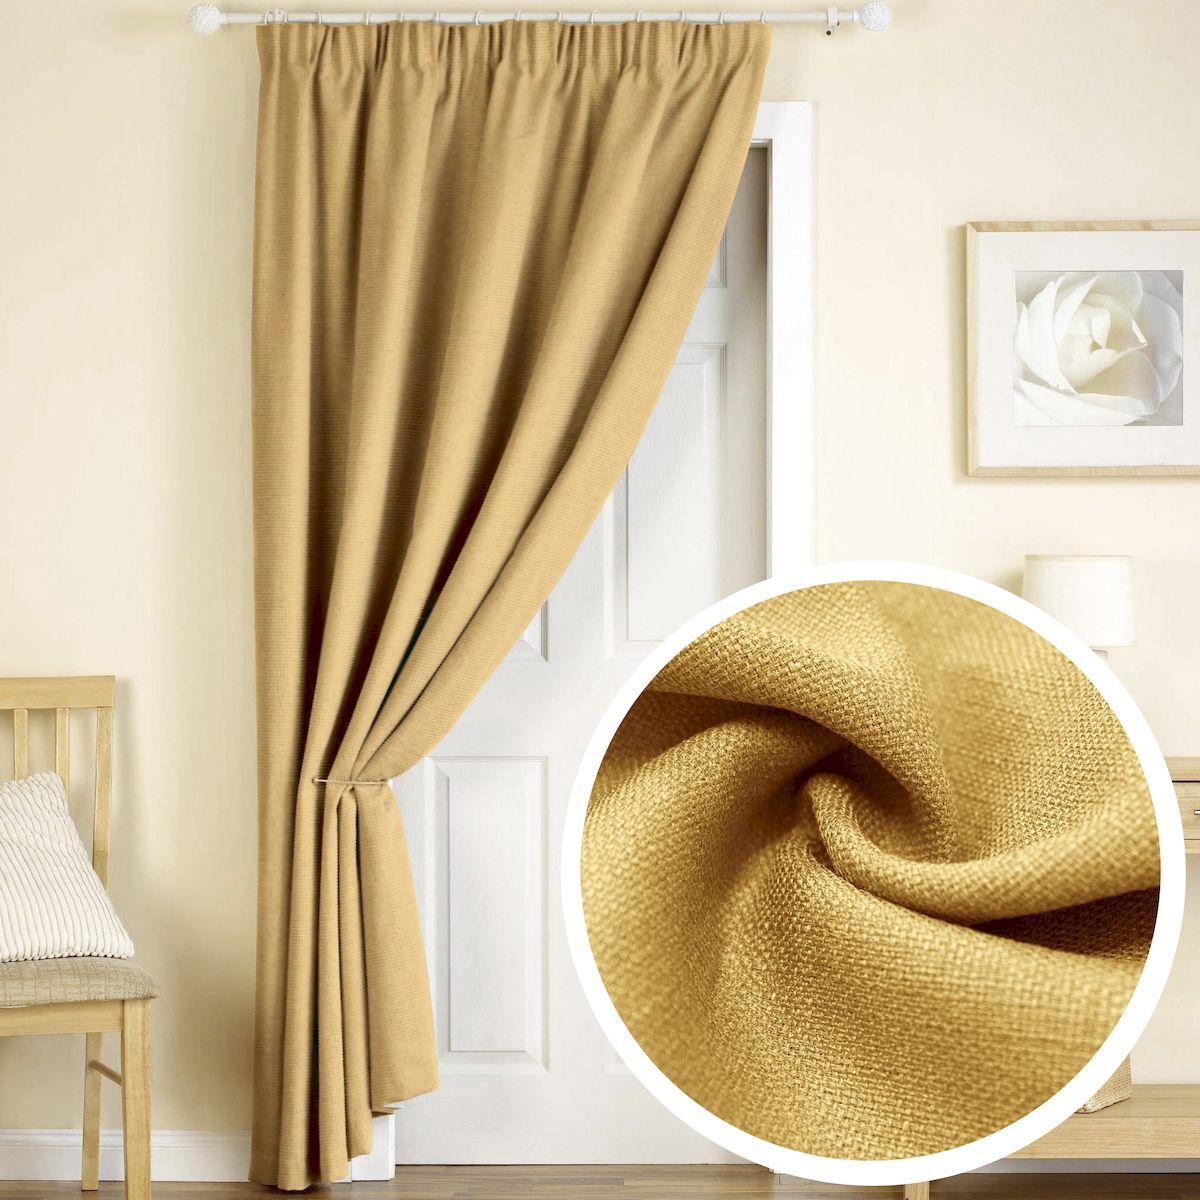 Штора Amore Mio Лен, на ленте, цвет: желтый, высота 270 см77506Штора Amore Mio из плотной ткани, имитирующей натуральный лен, придаст современный вид любому интерьеру. Изготовлена из 100% полиэстера. Полиэстер - вид ткани, состоящий из полиэфирных волокон. Ткани из полиэстера легкие, прочные и износостойкие. Такие изделия не требуют специального ухода, не пылятся и почти не мнутся.Крепление к карнизу осуществляется при помощи вшитой шторной ленты.